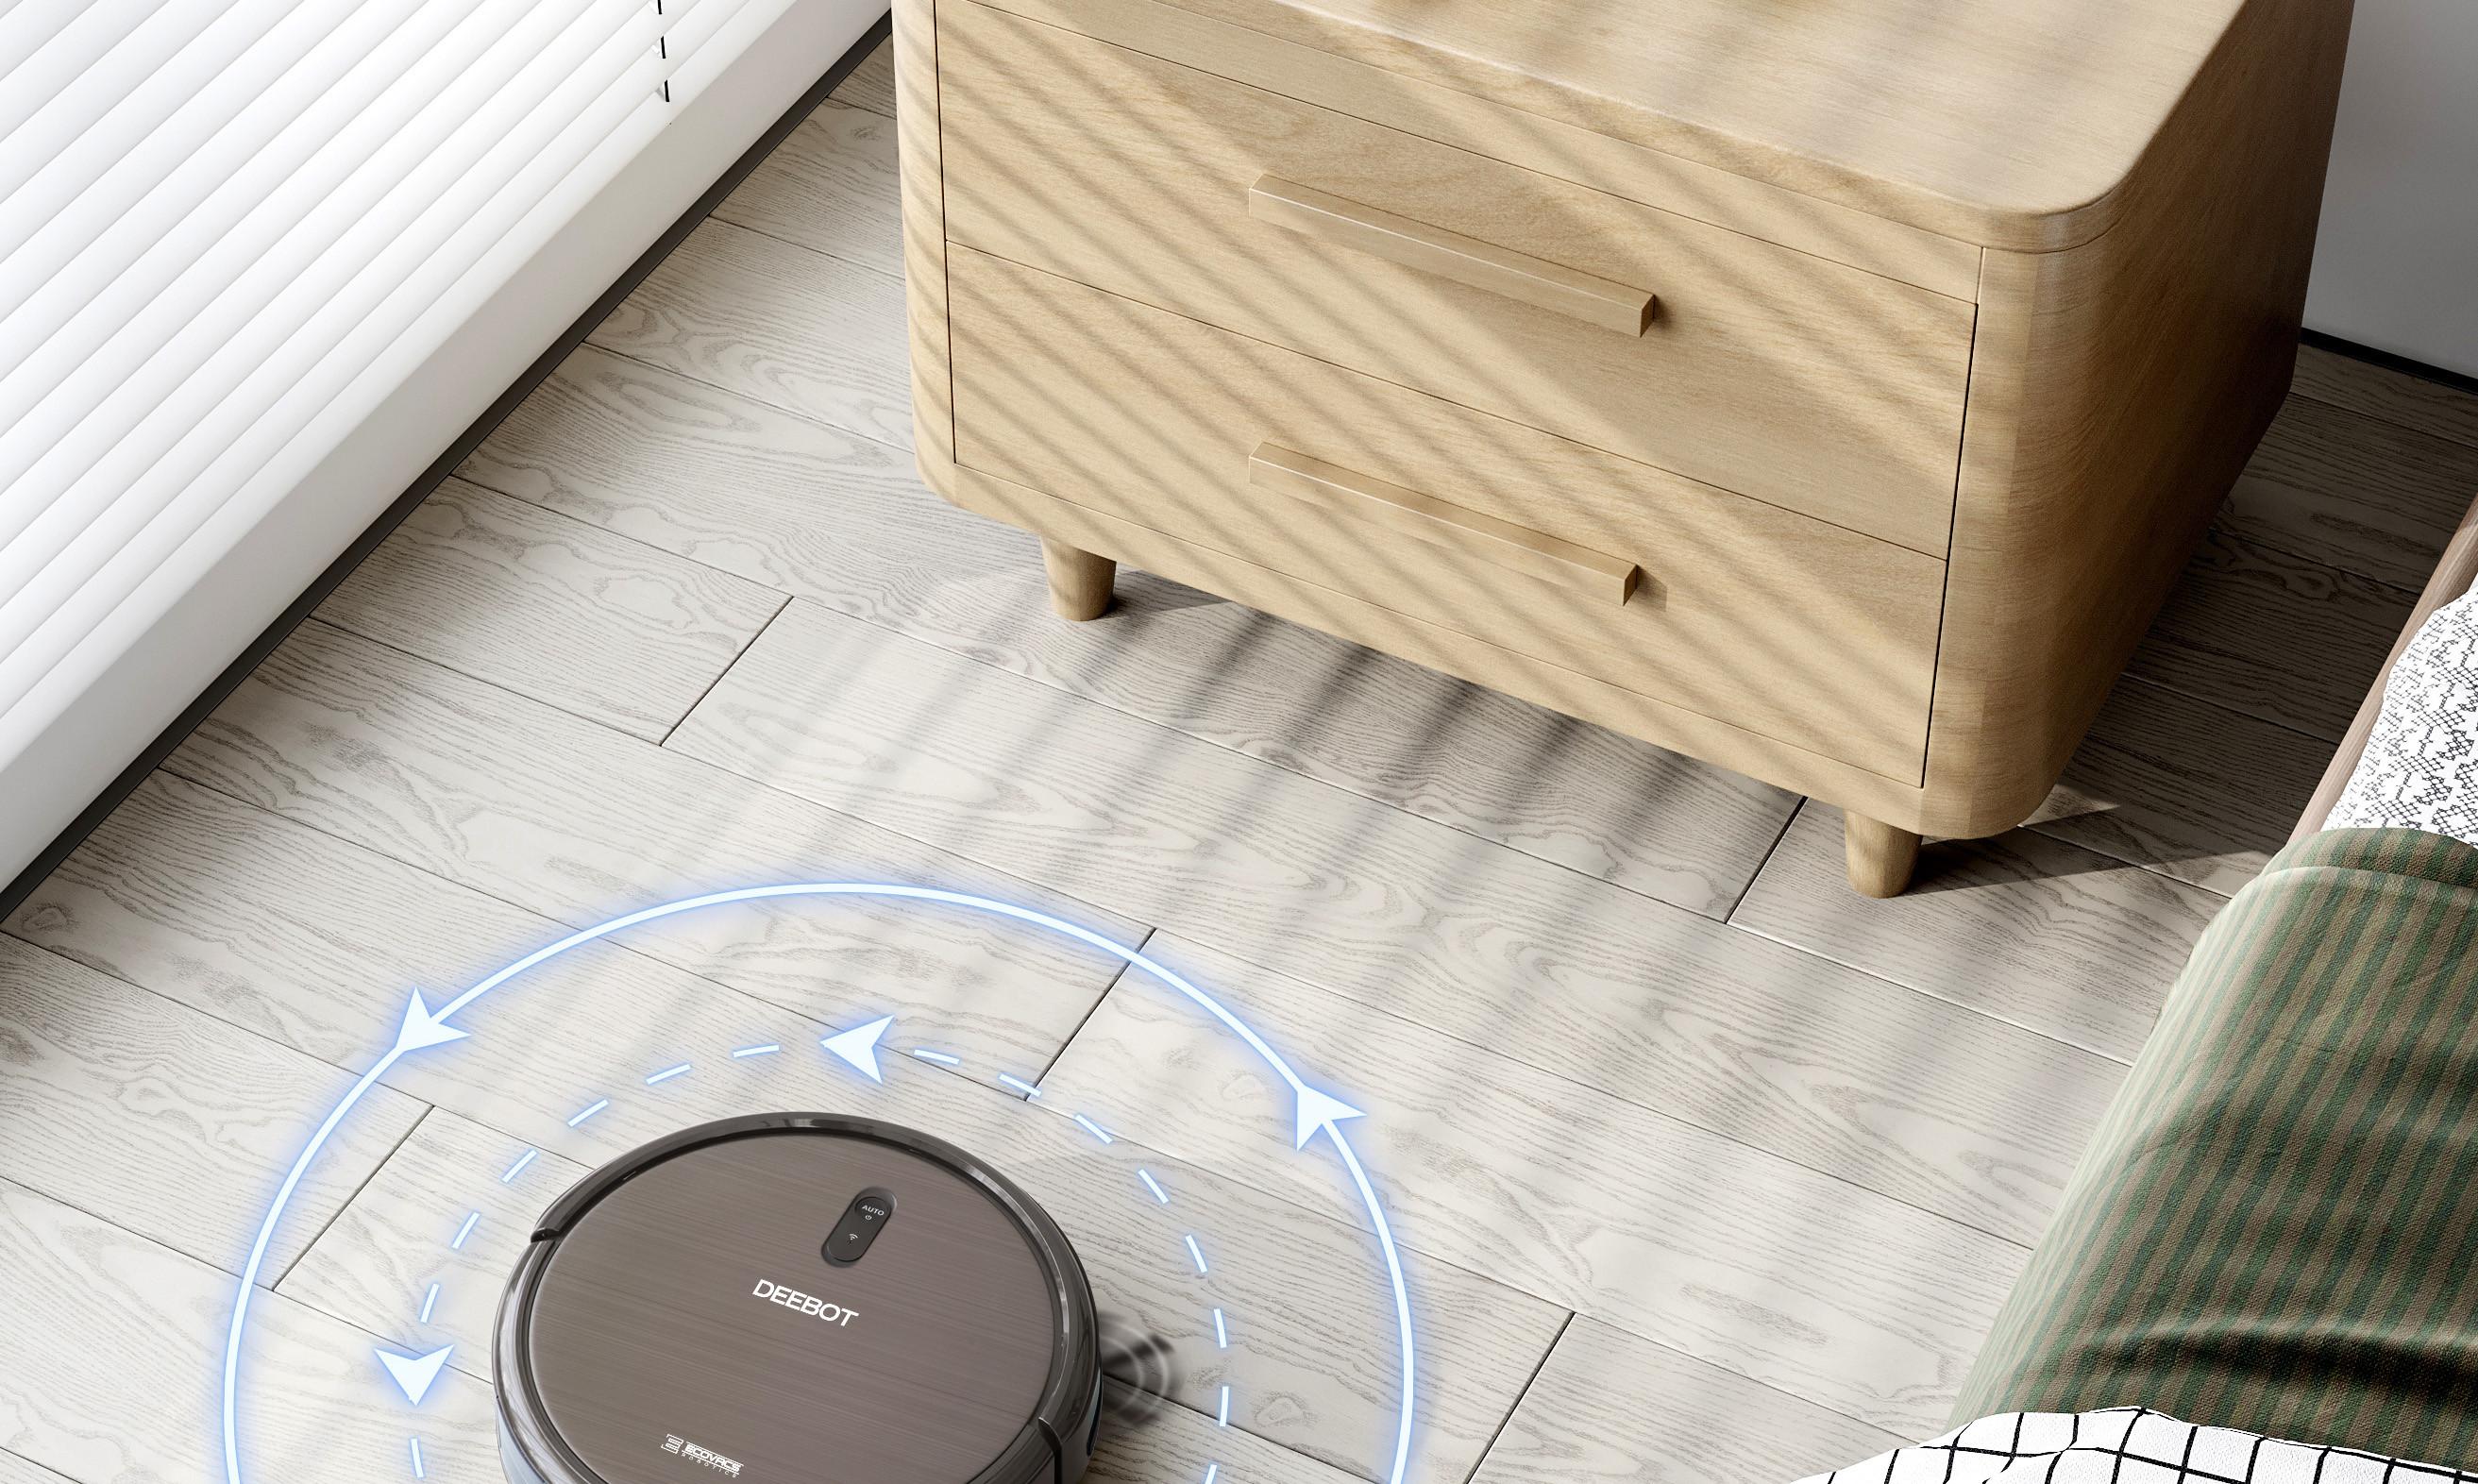 aspirador conectado robot limpiando casa